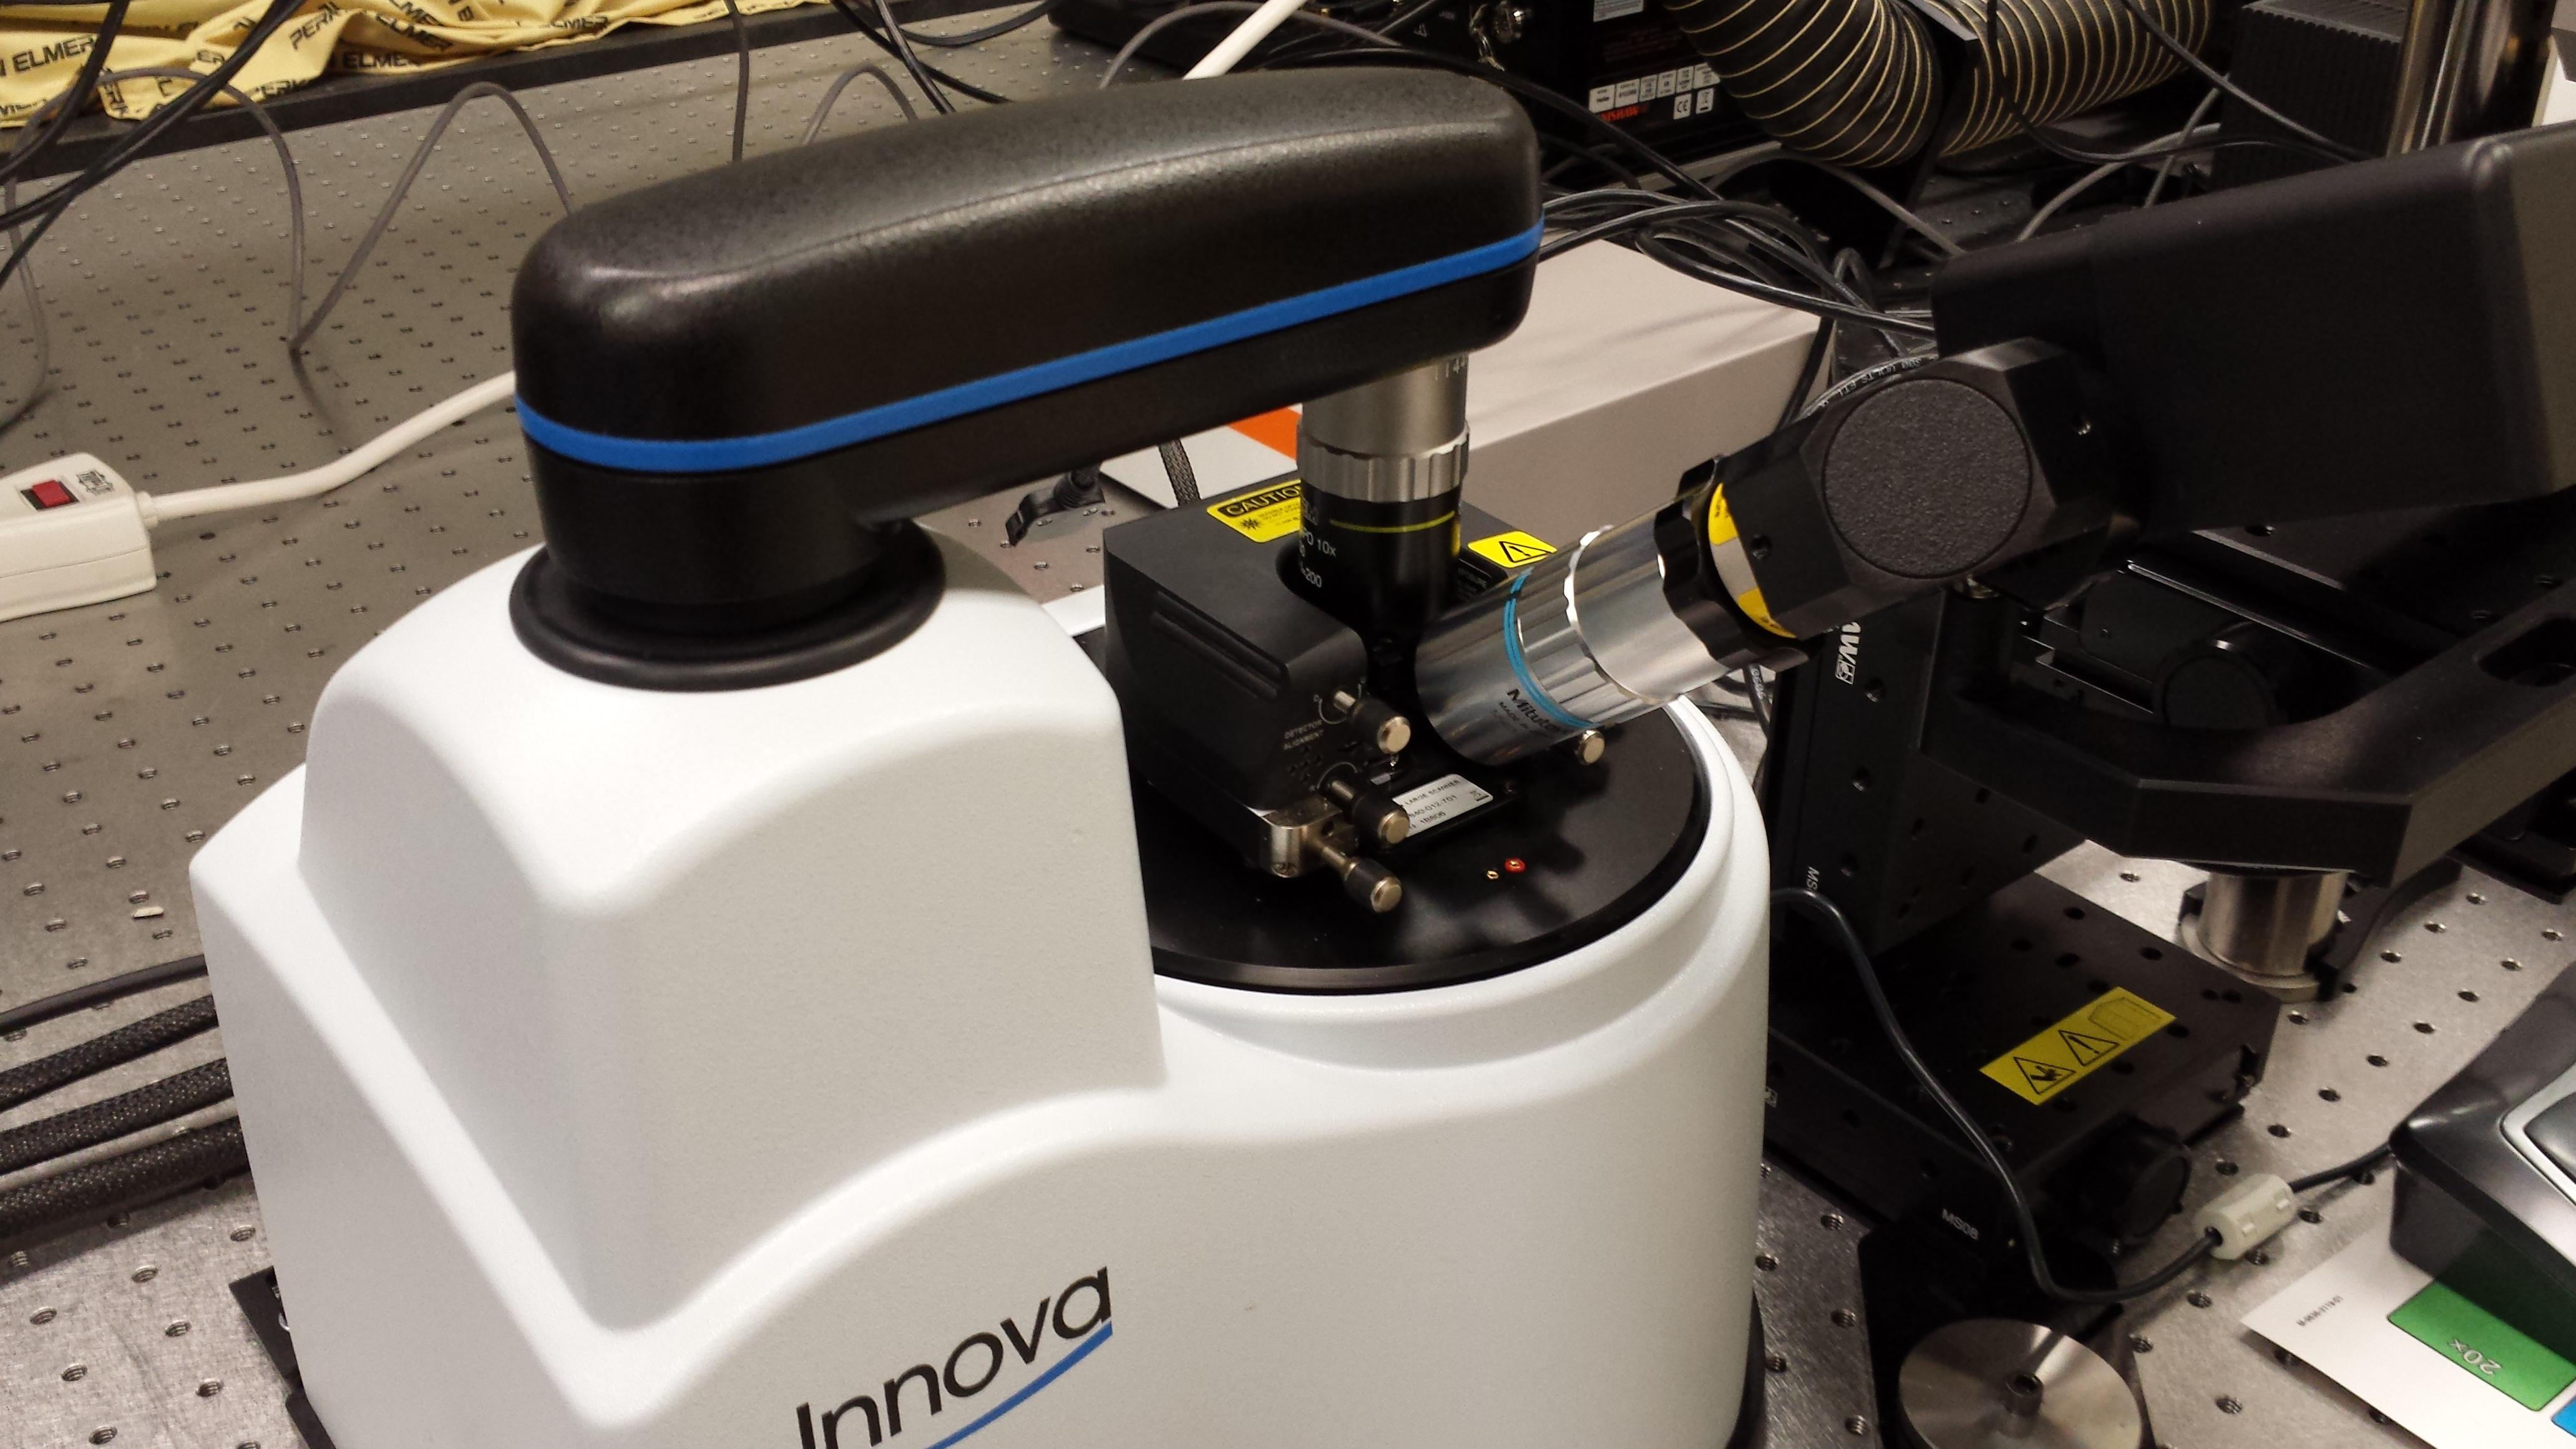 bruker innova atomic force microscope